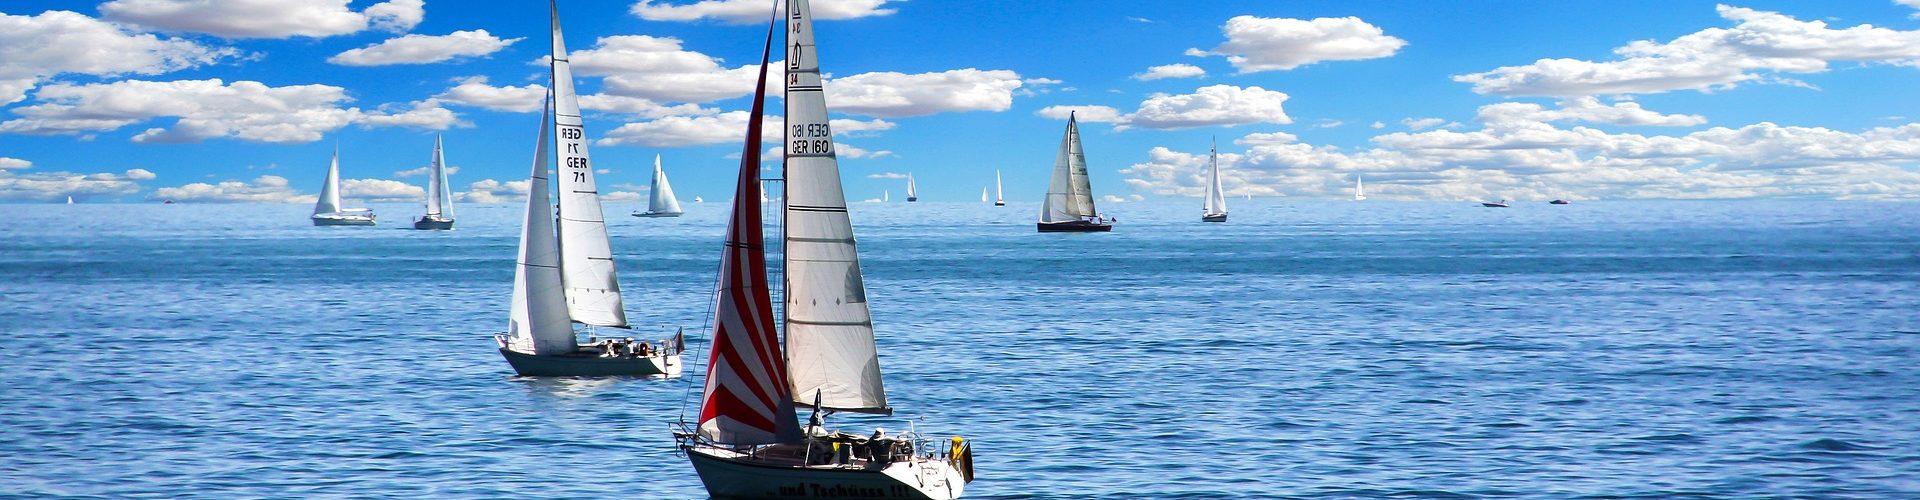 segeln lernen in Bünde segelschein machen in Bünde 1920x500 - Segeln lernen in Bünde